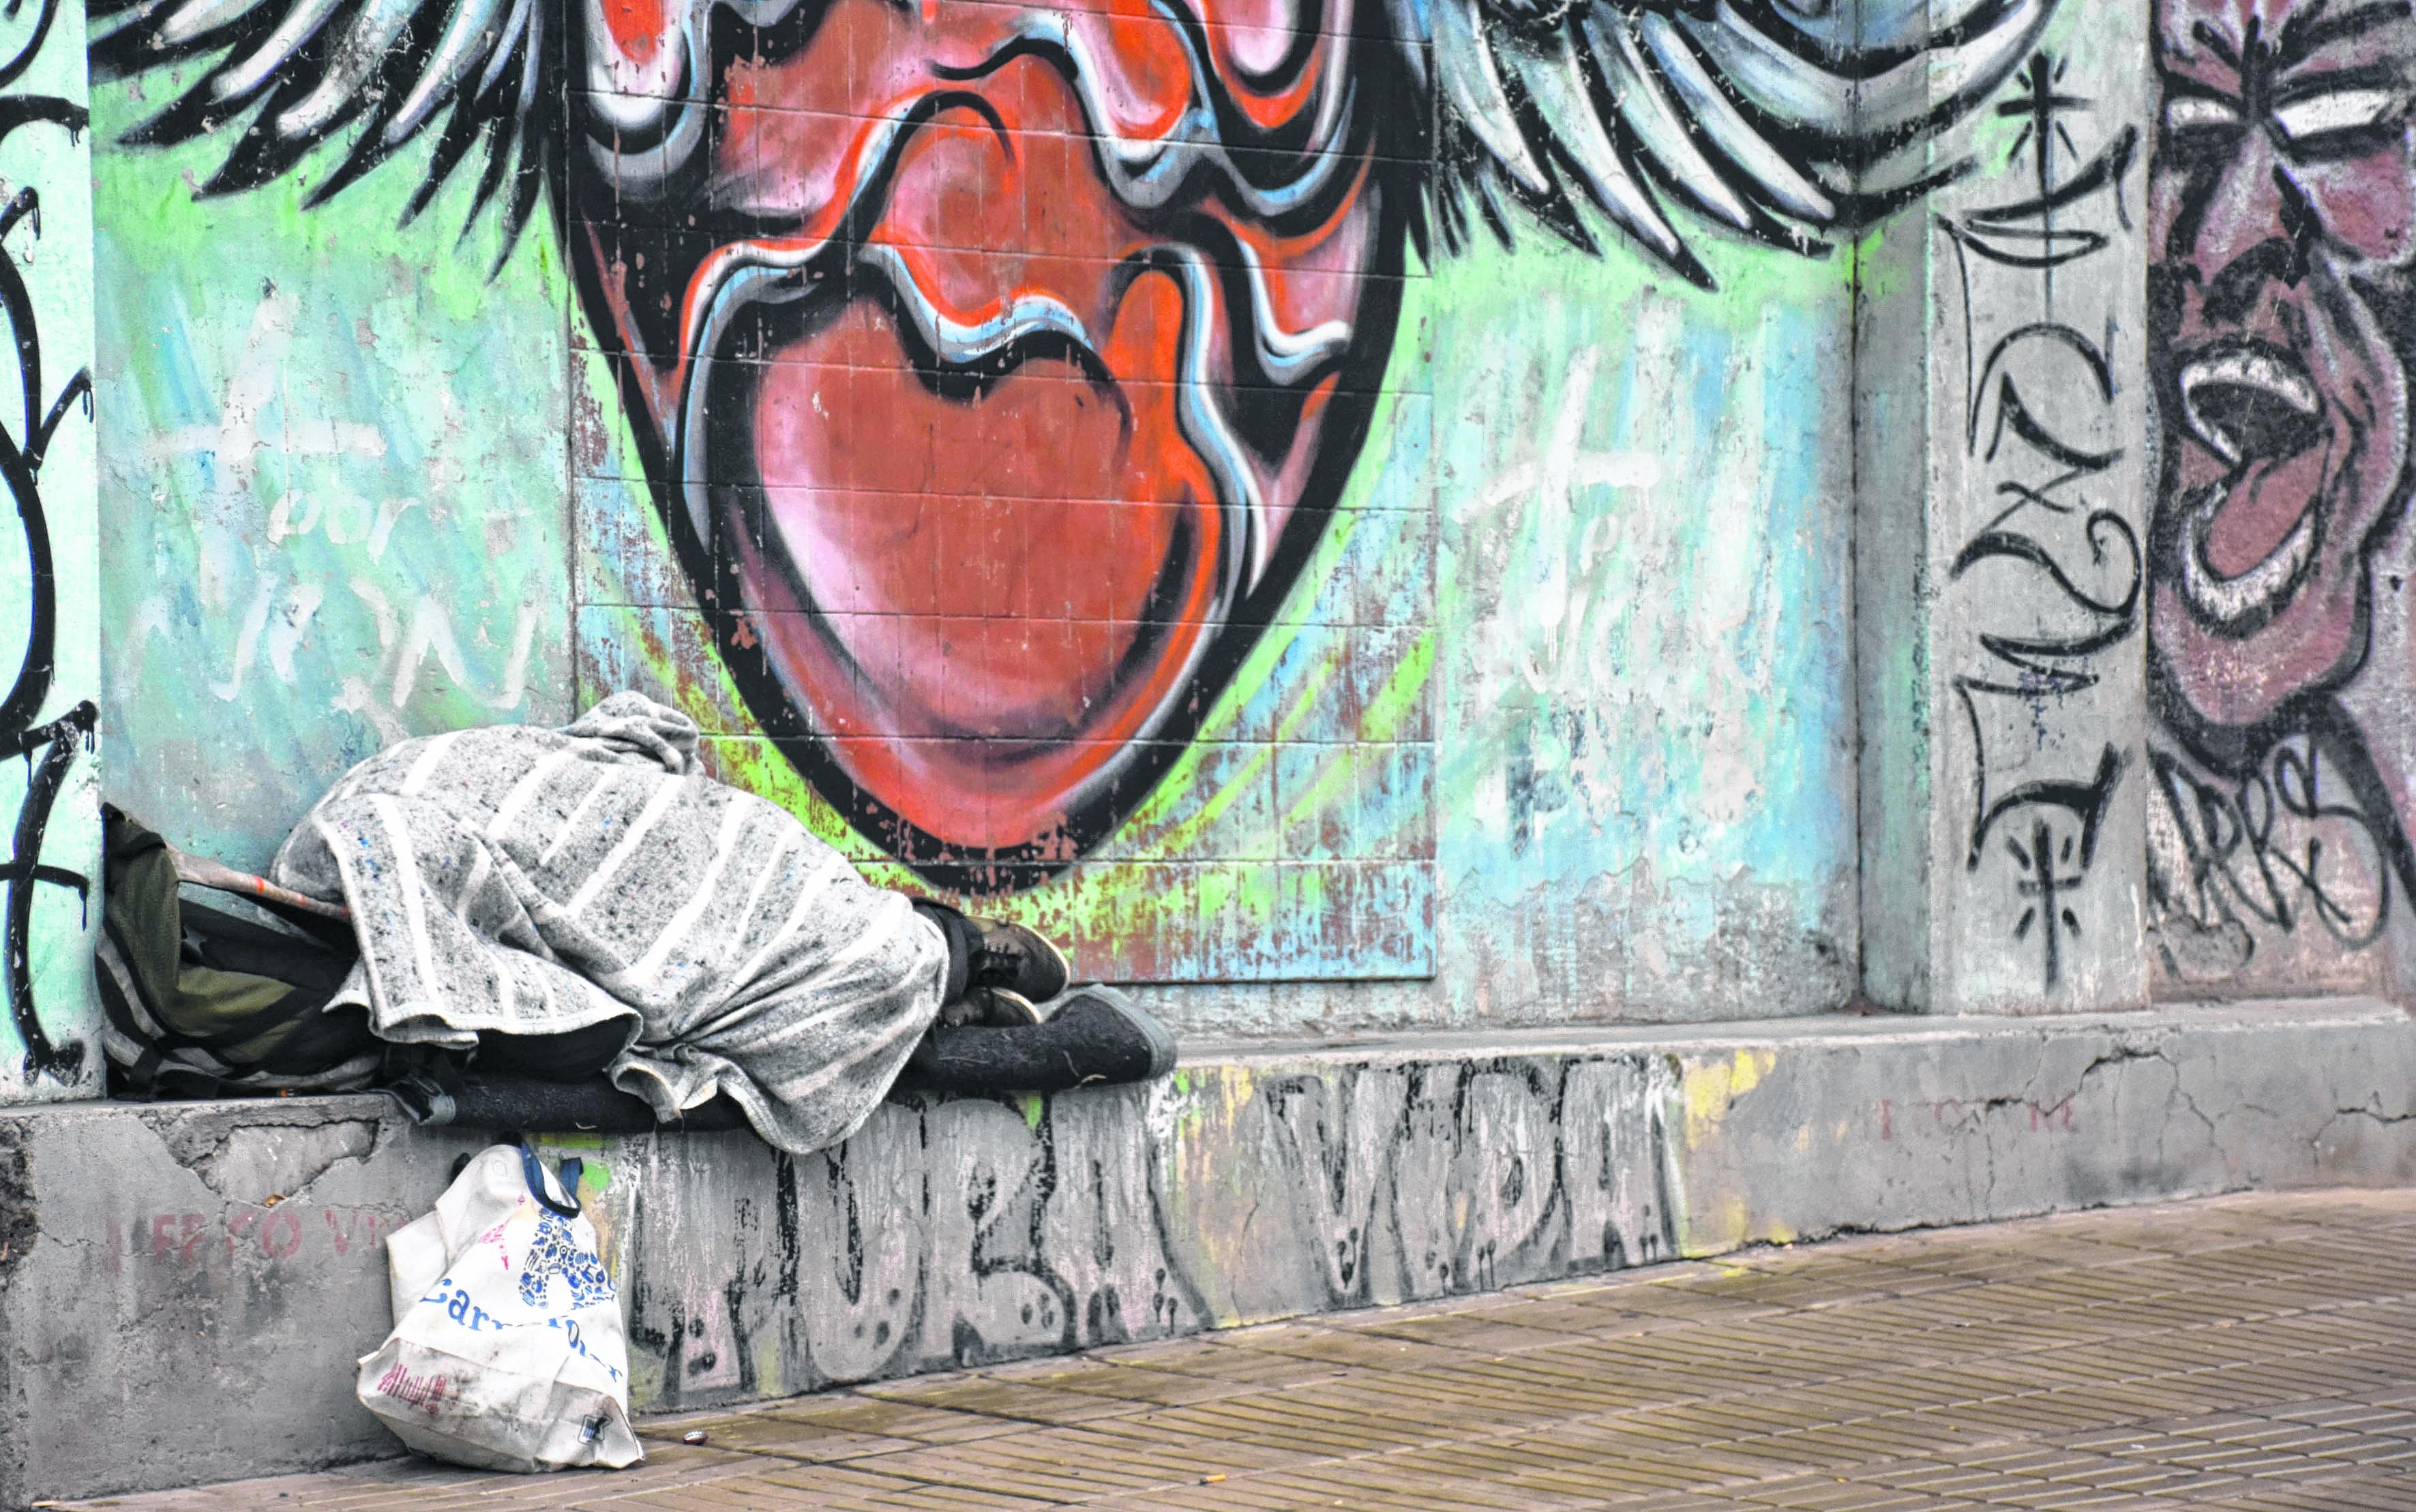 Las personas que duermen en la calle, un problema que impacta en Neuquén